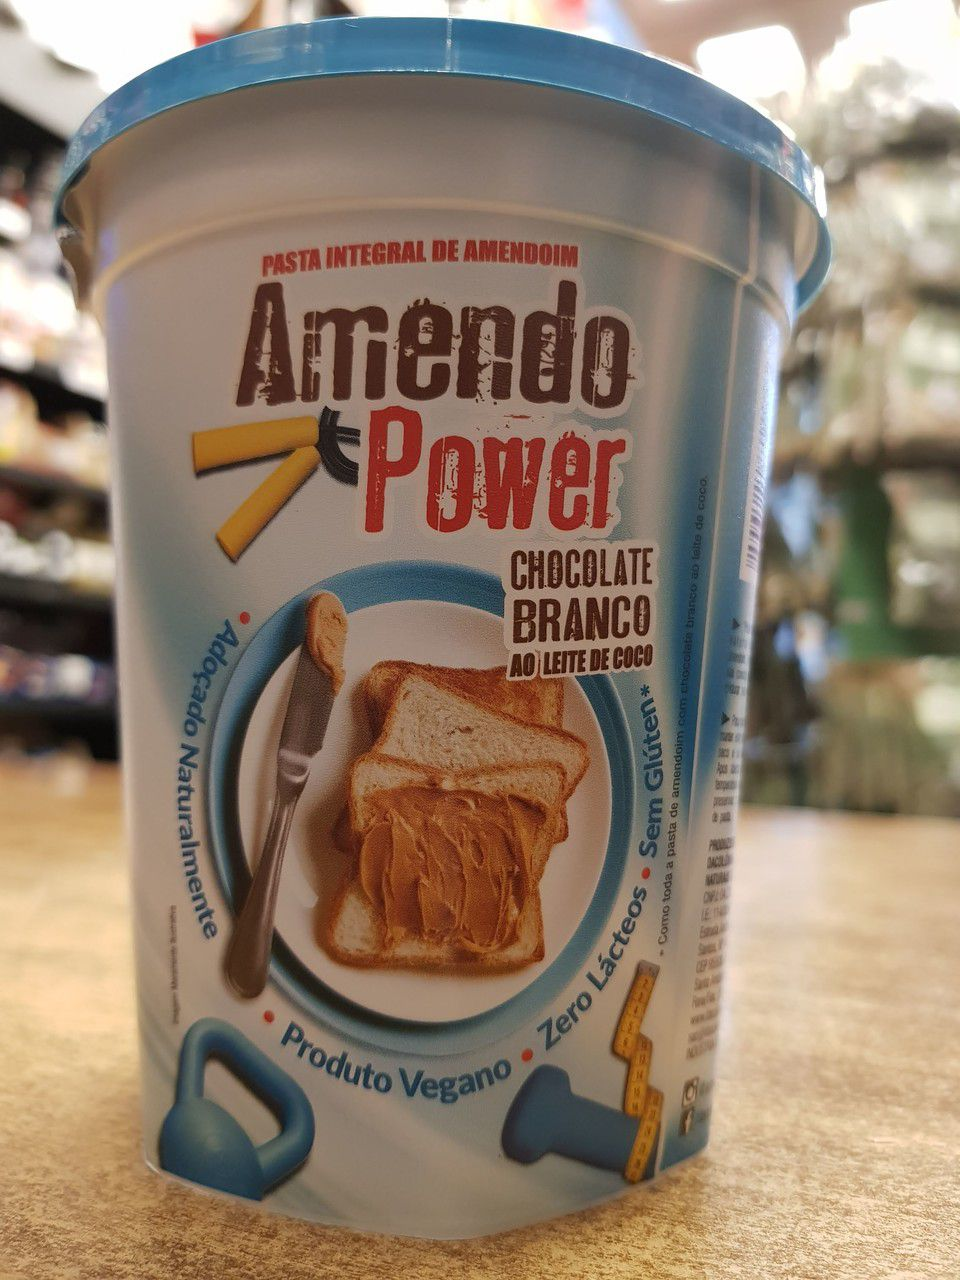 Pasta de Amendoim Chocolate Branco 450g - DaColônia